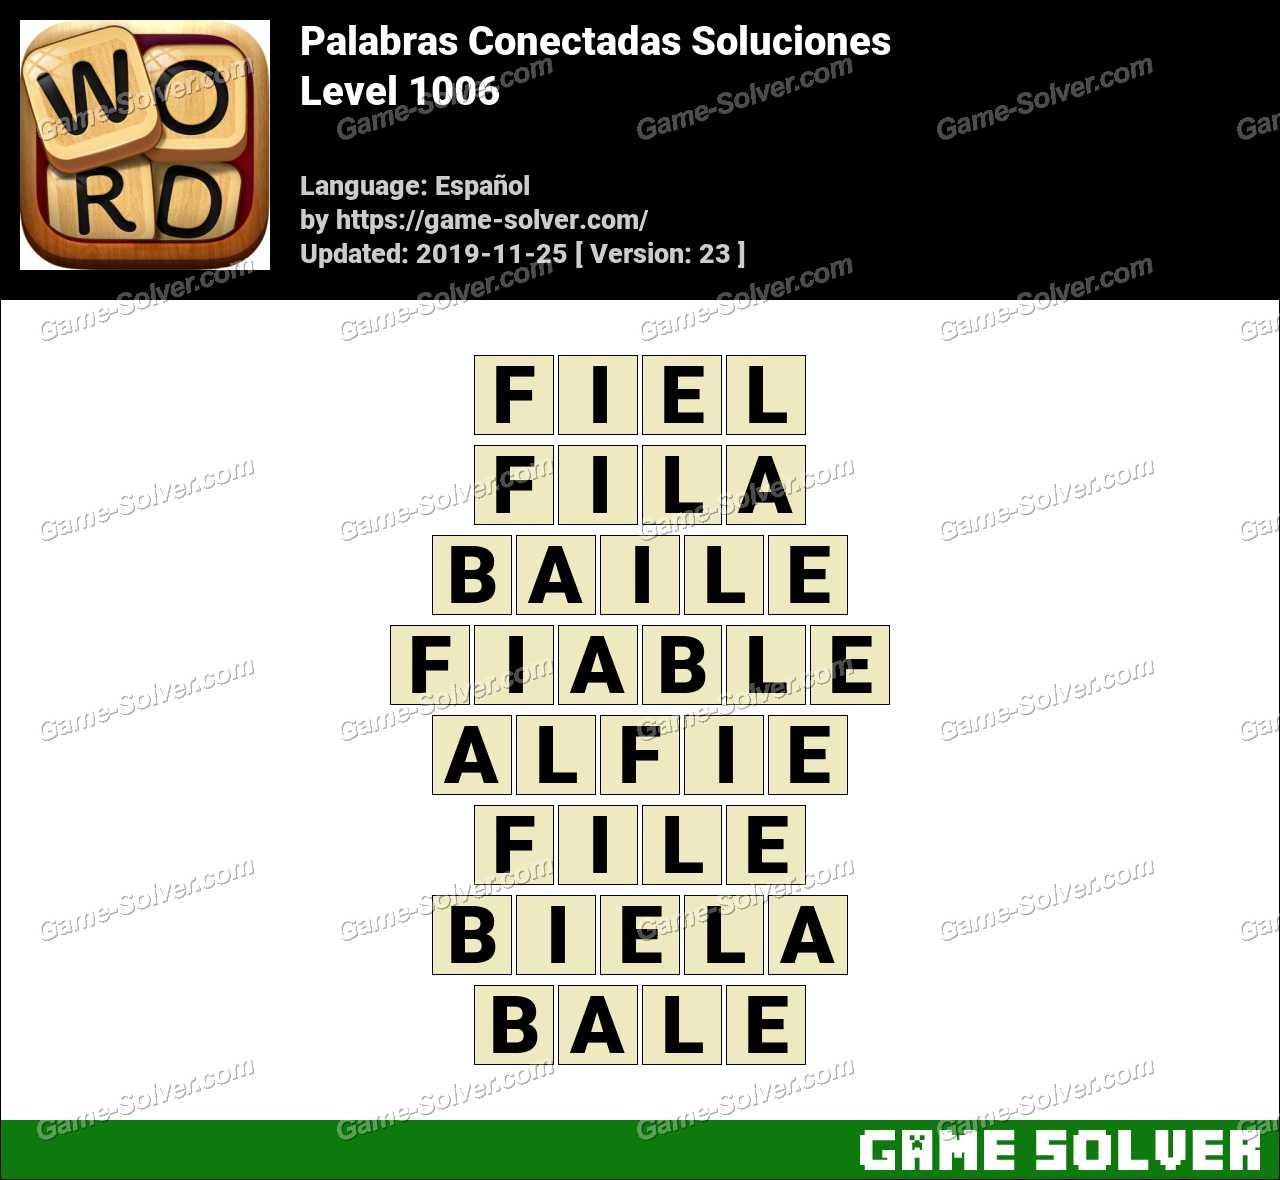 Palabras Conectadas Nivel 1006 Soluciones